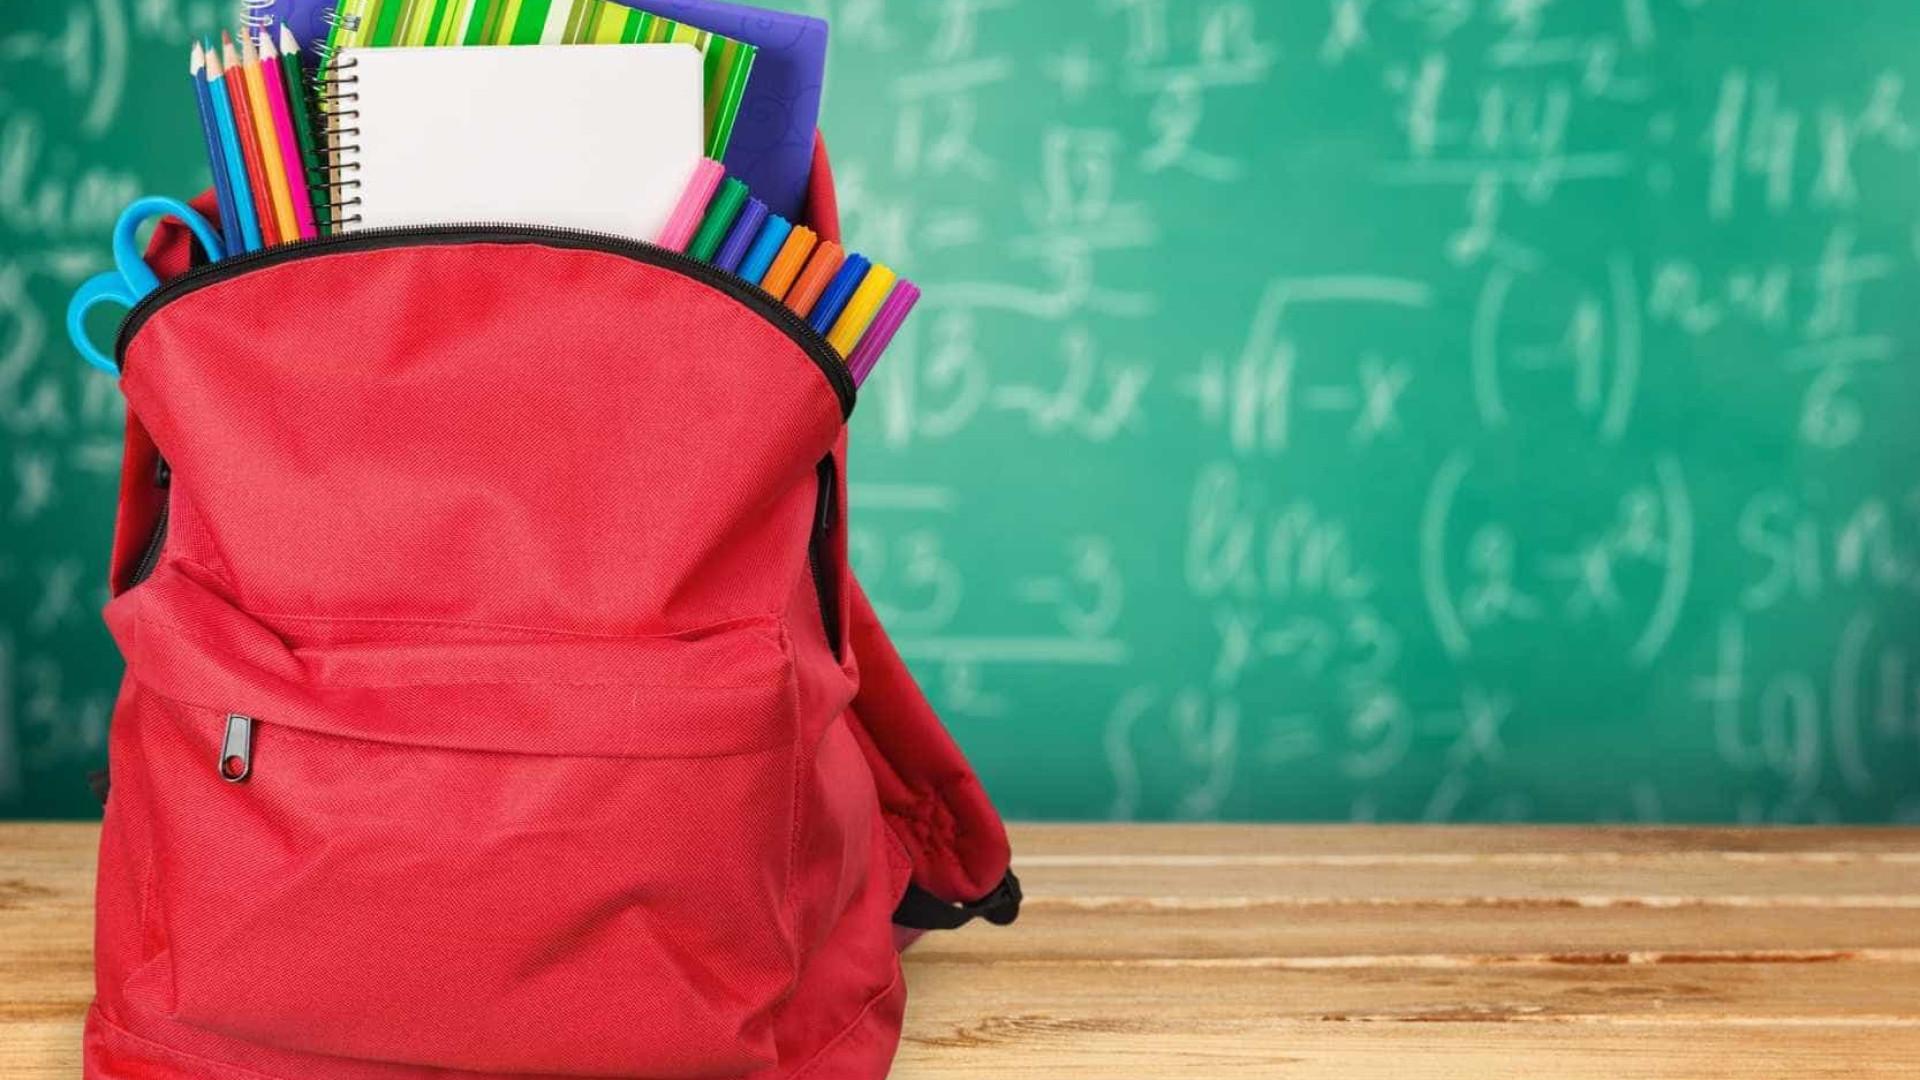 Famílias gastam em média 393 euros com material escolar